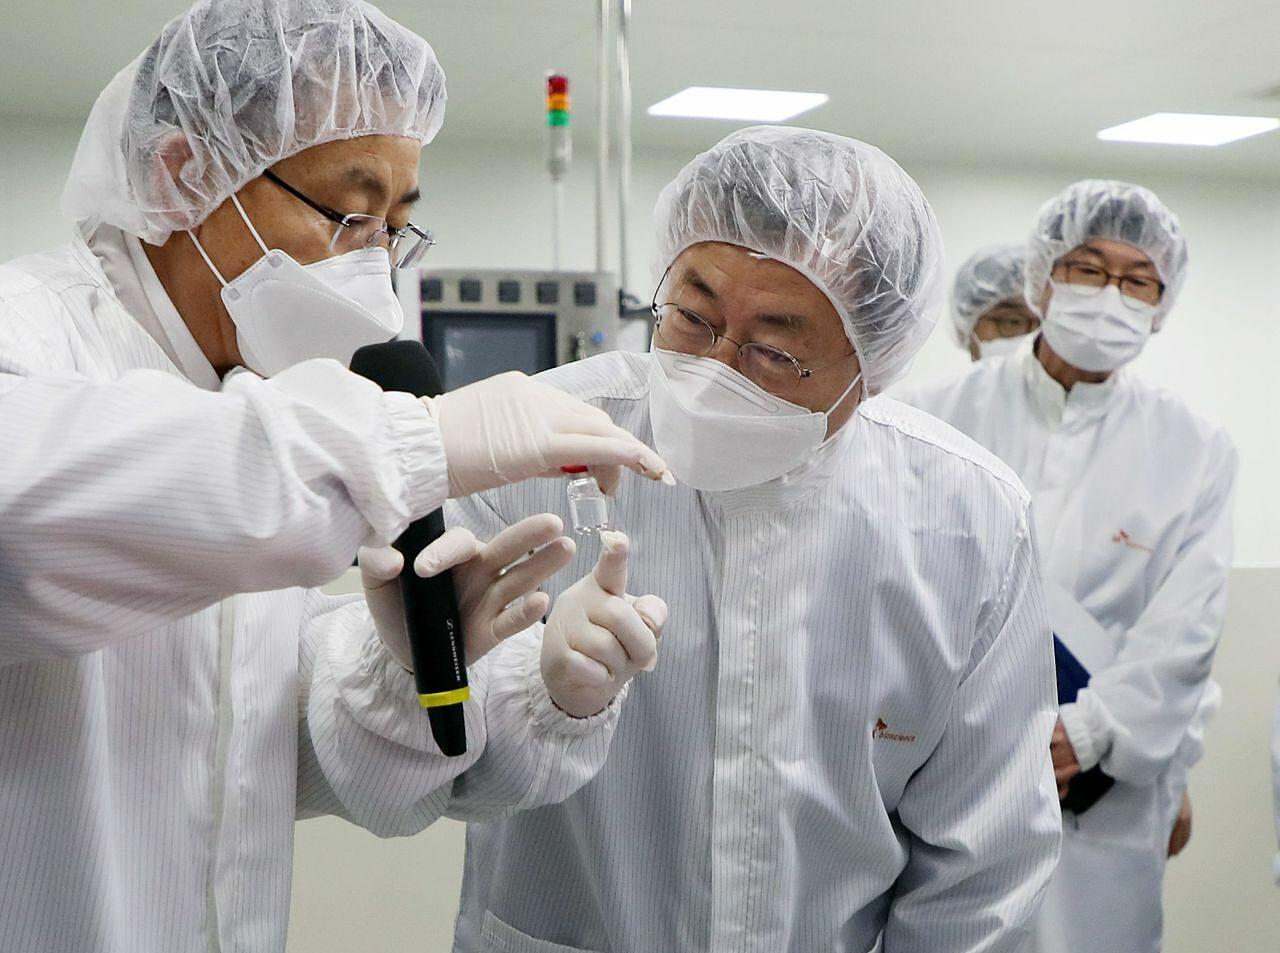 Tổng thống Hàn Quốc Moon Jae-in thăm phòng thí nghiệm vaccine của SK Bioscience tại thành phố Andong vào tháng 1. Ảnh:Yonhap.